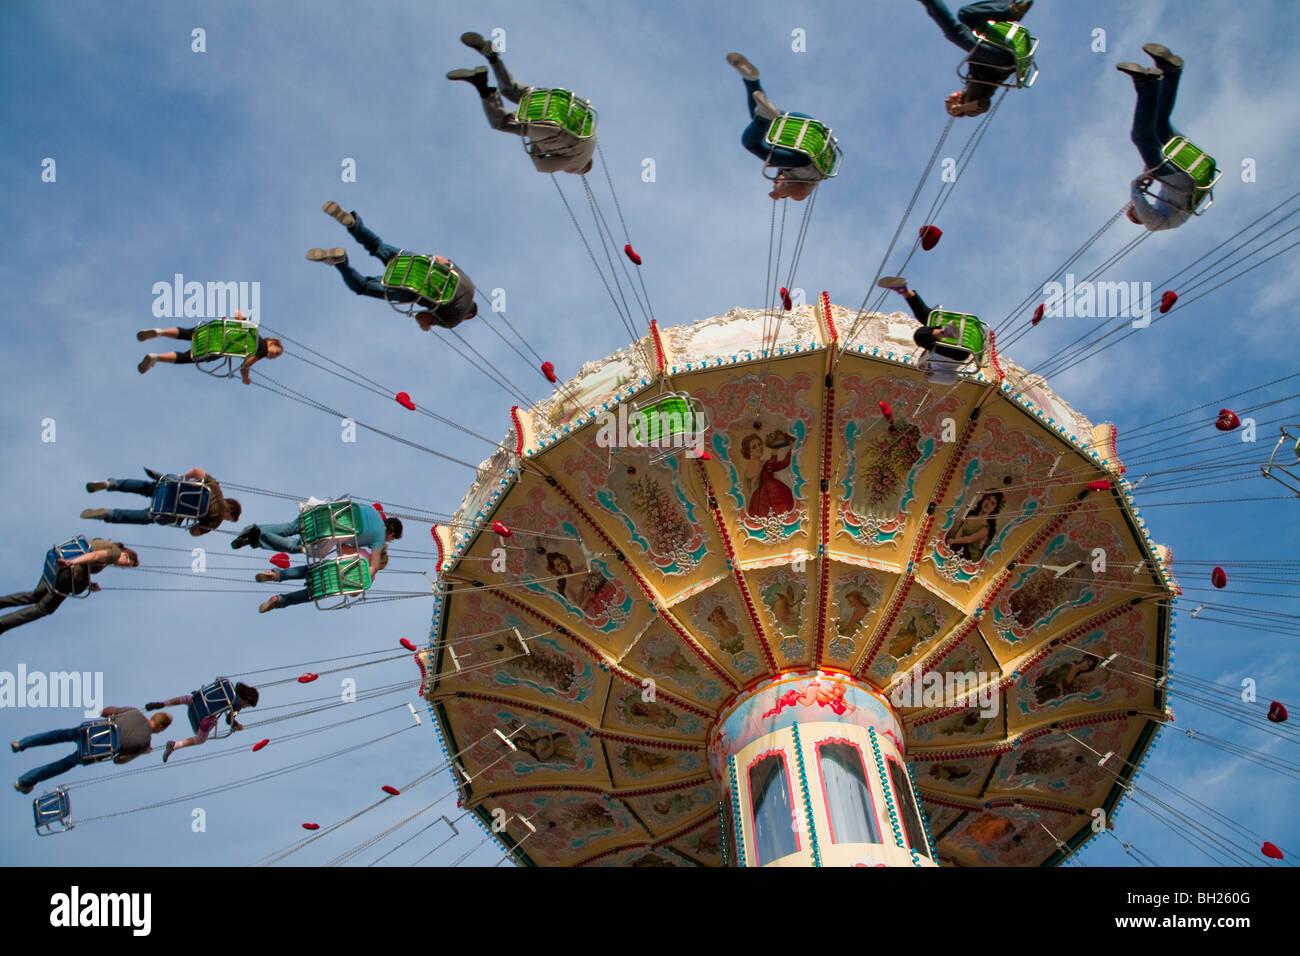 CAROUSEL AT THE FESTIVAL CANNSTATTER VOLKSFEST, WASEN, STUTTGART, BADEN WUERTTEMBERG, GERMANY - Stock Image